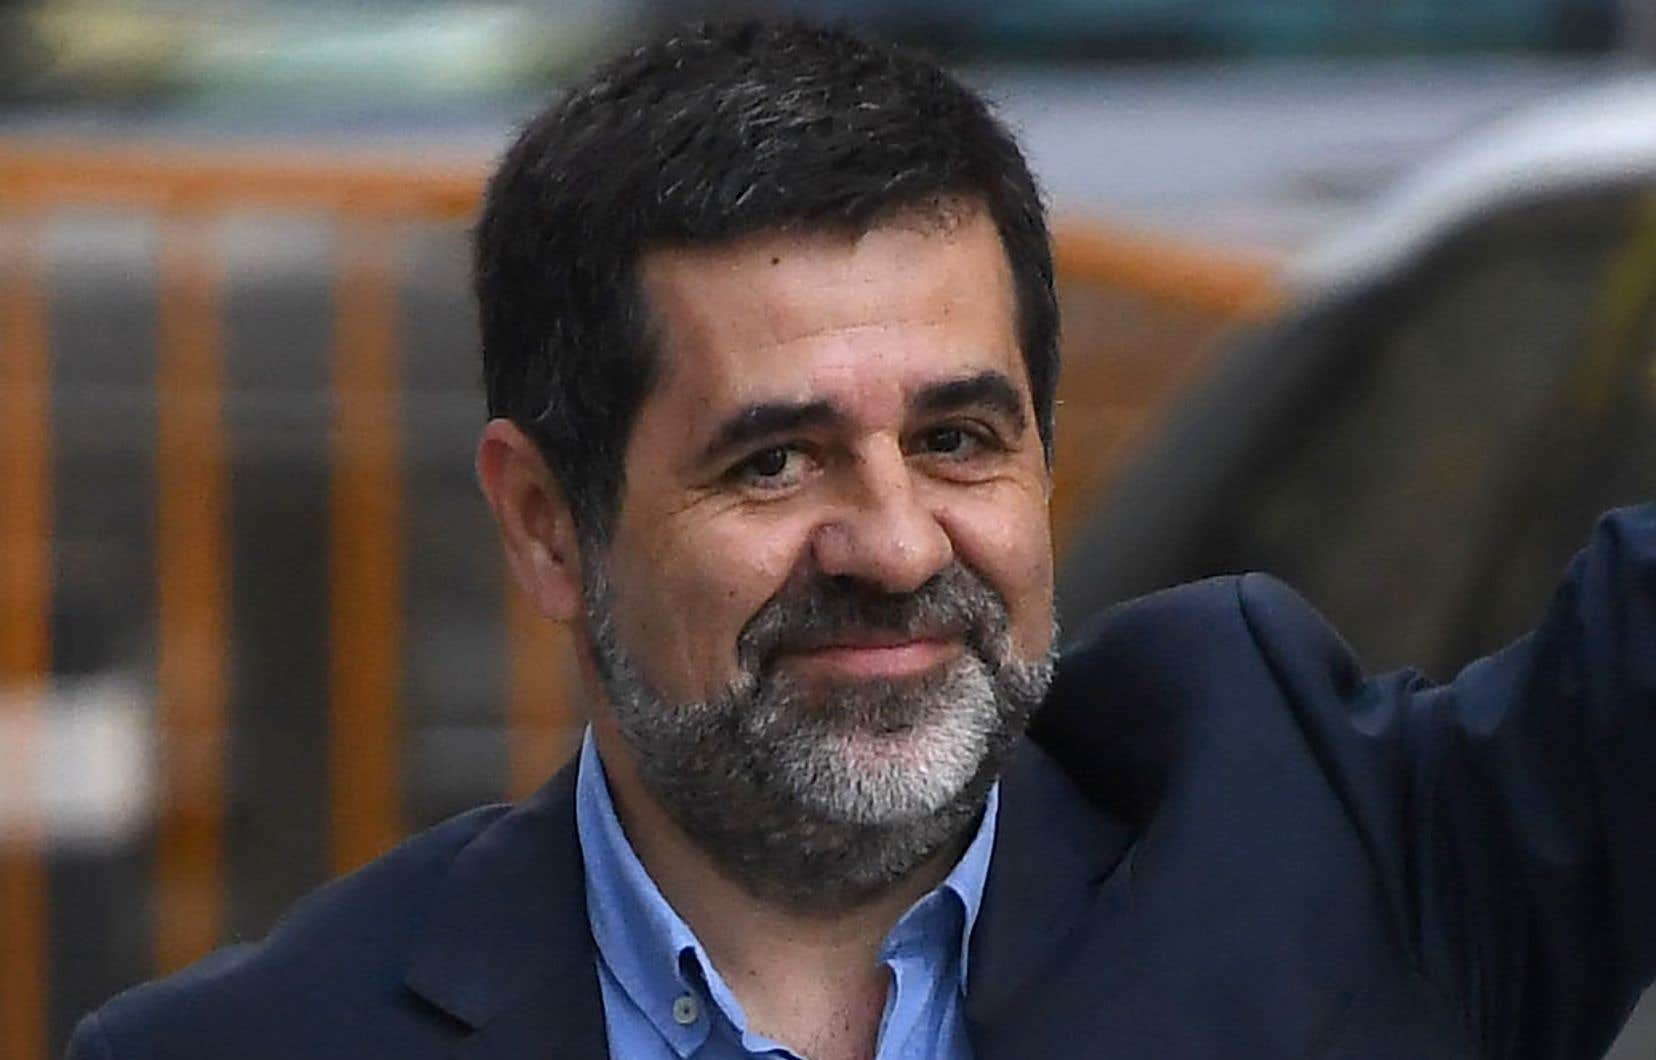 Un juge a refusé d'accorder une permission de sortie de prison à Jordi Sanchez, qui voulait se présenter au parlement régional pour être investi comme nouveau président de l'exécutif catalan.